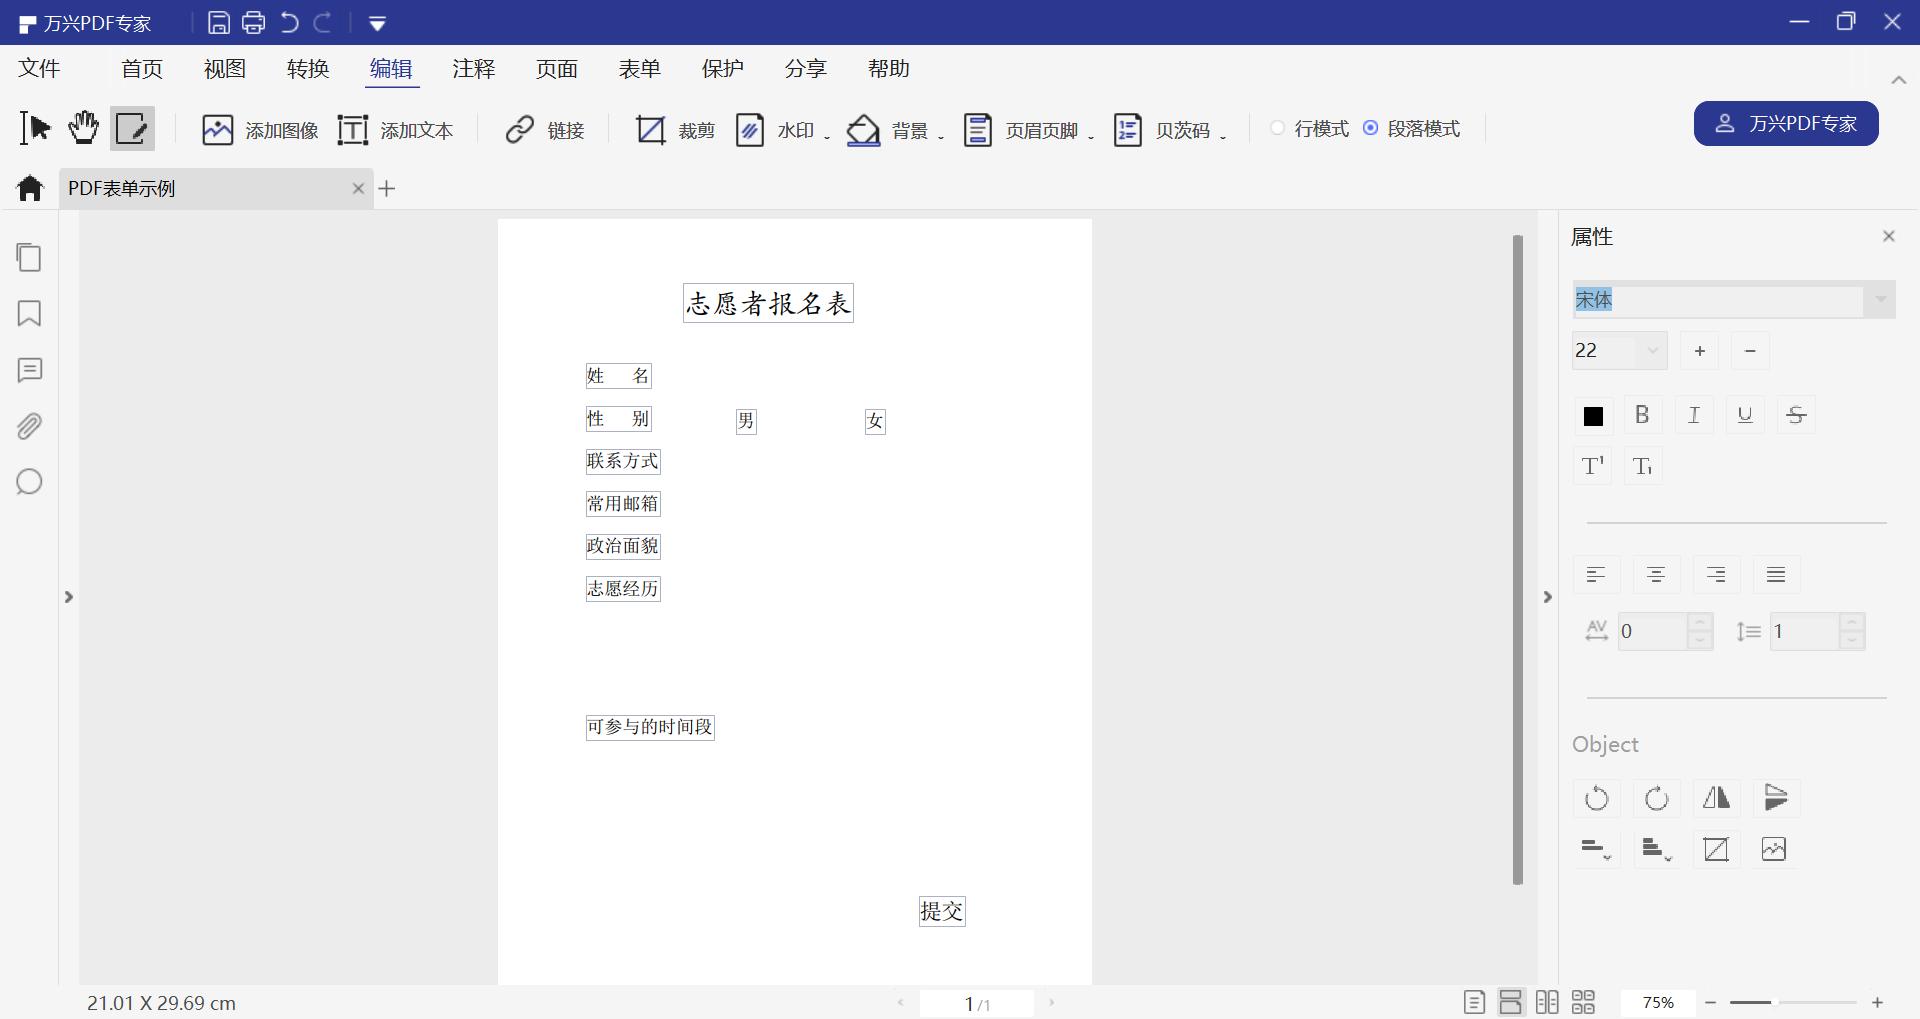 制作PDF表单步骤二